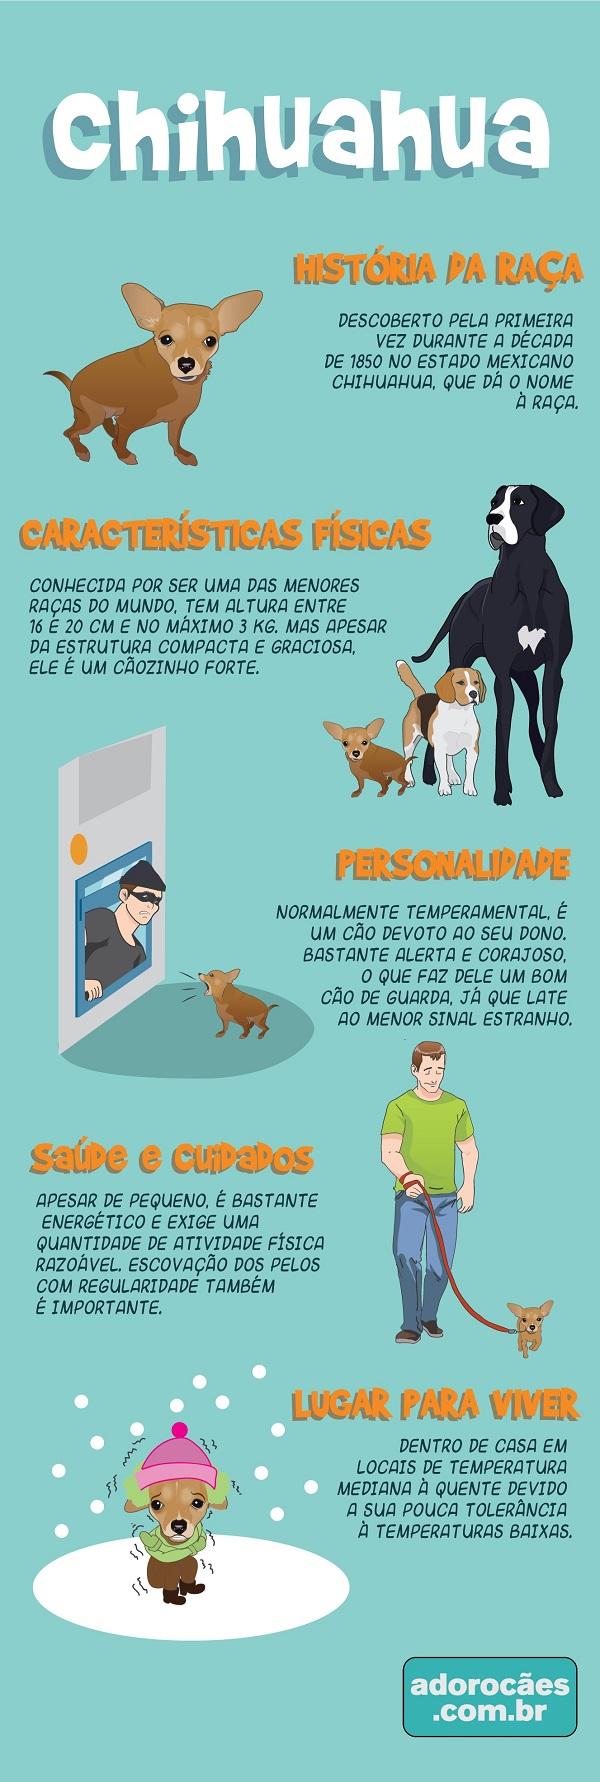 Chihuahua infografico